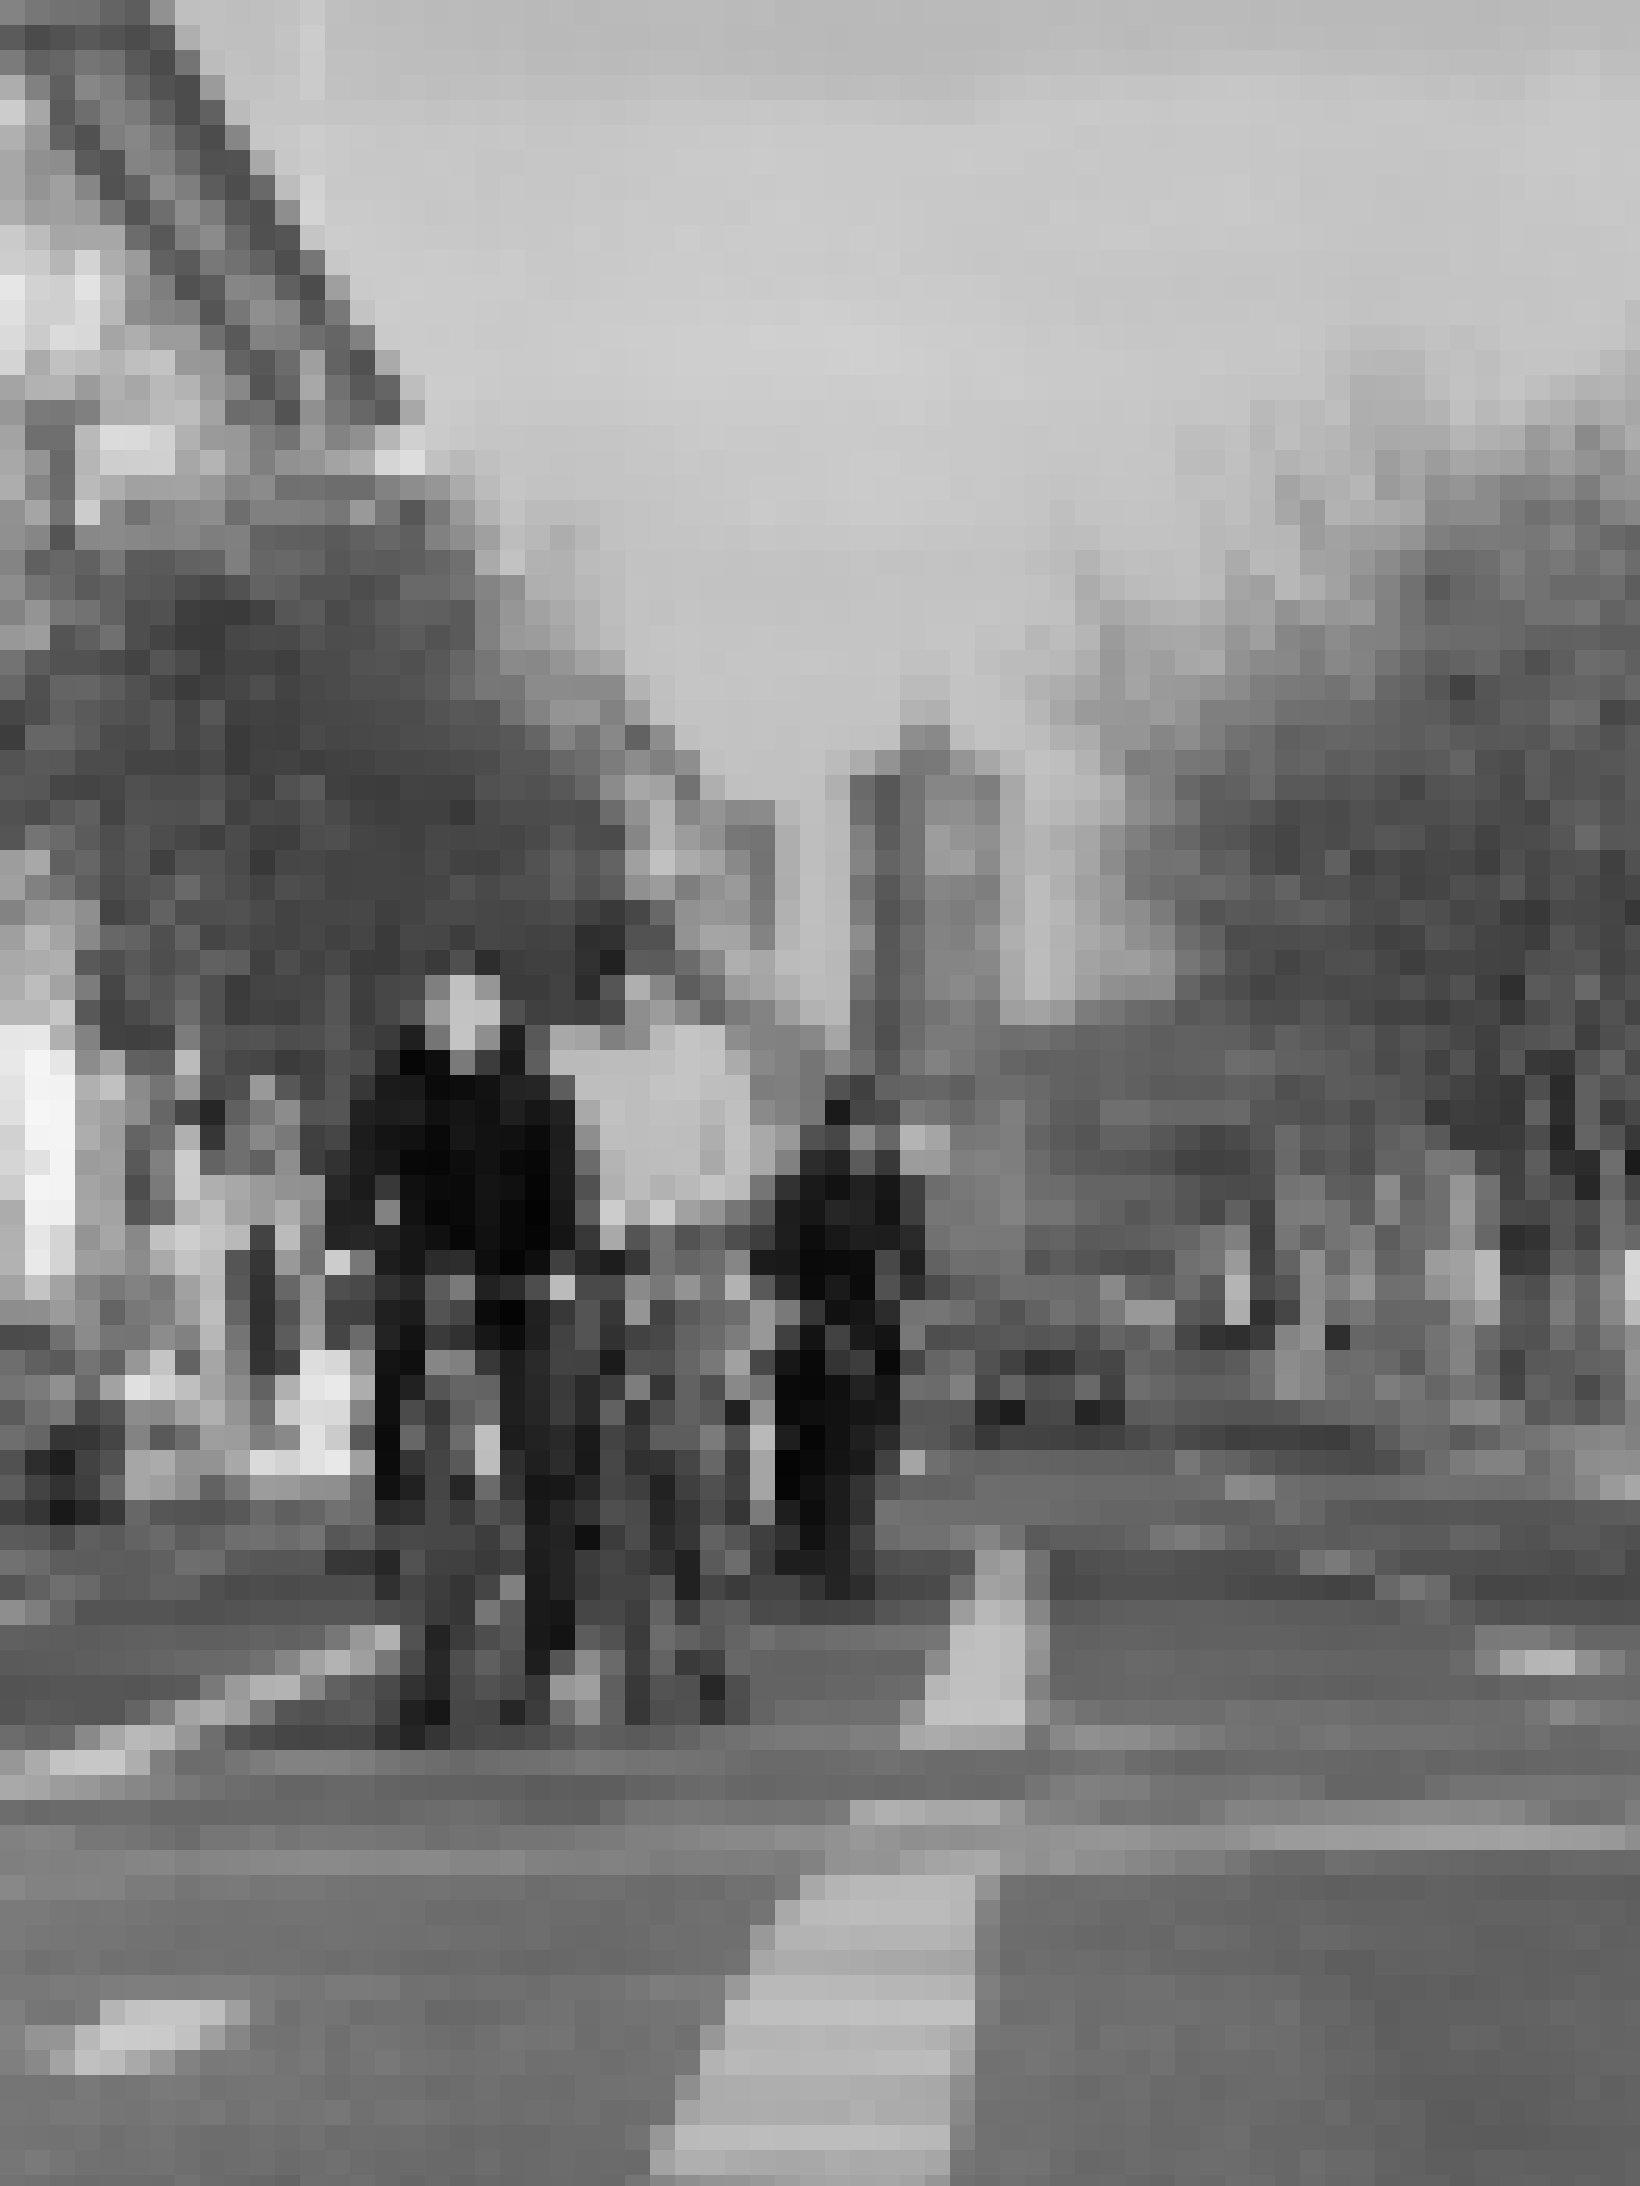 Drei Radfahrer warten an einer Ampel, dahinter ist bis zum Stadtschloss nur ein einziger Pkw zu erkennen.